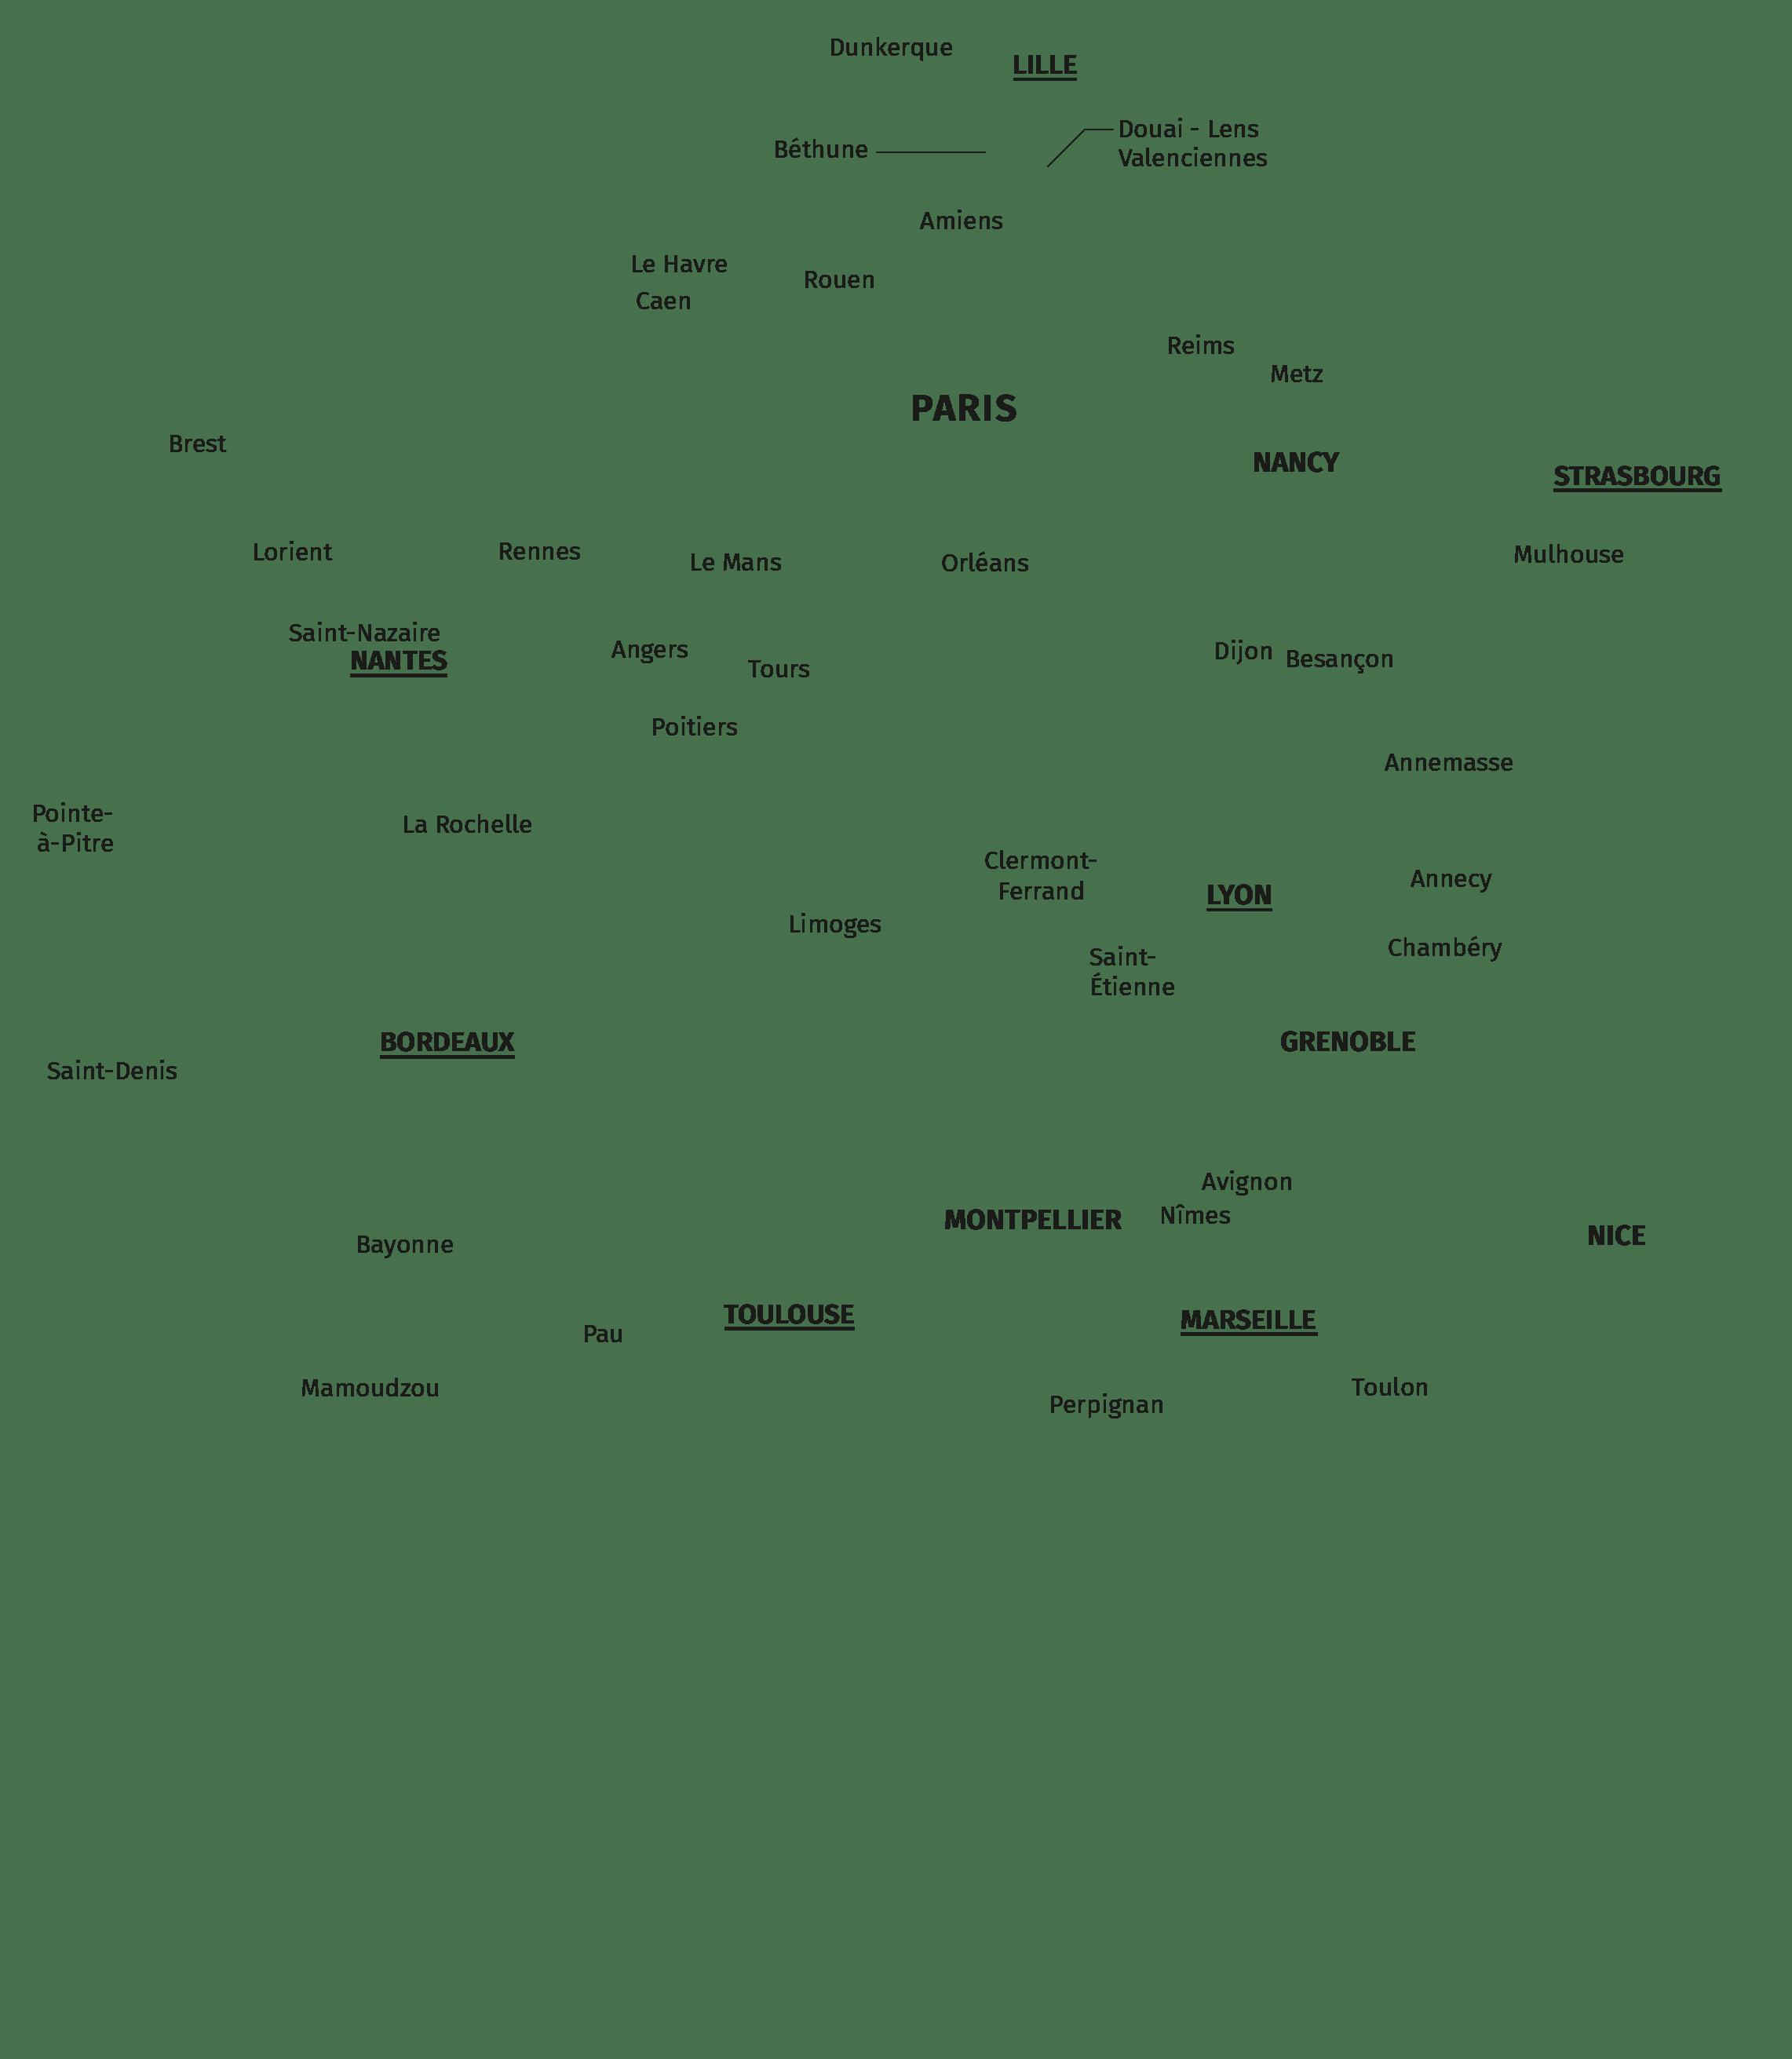 Des aires urbaines fortement différenciées (texte)